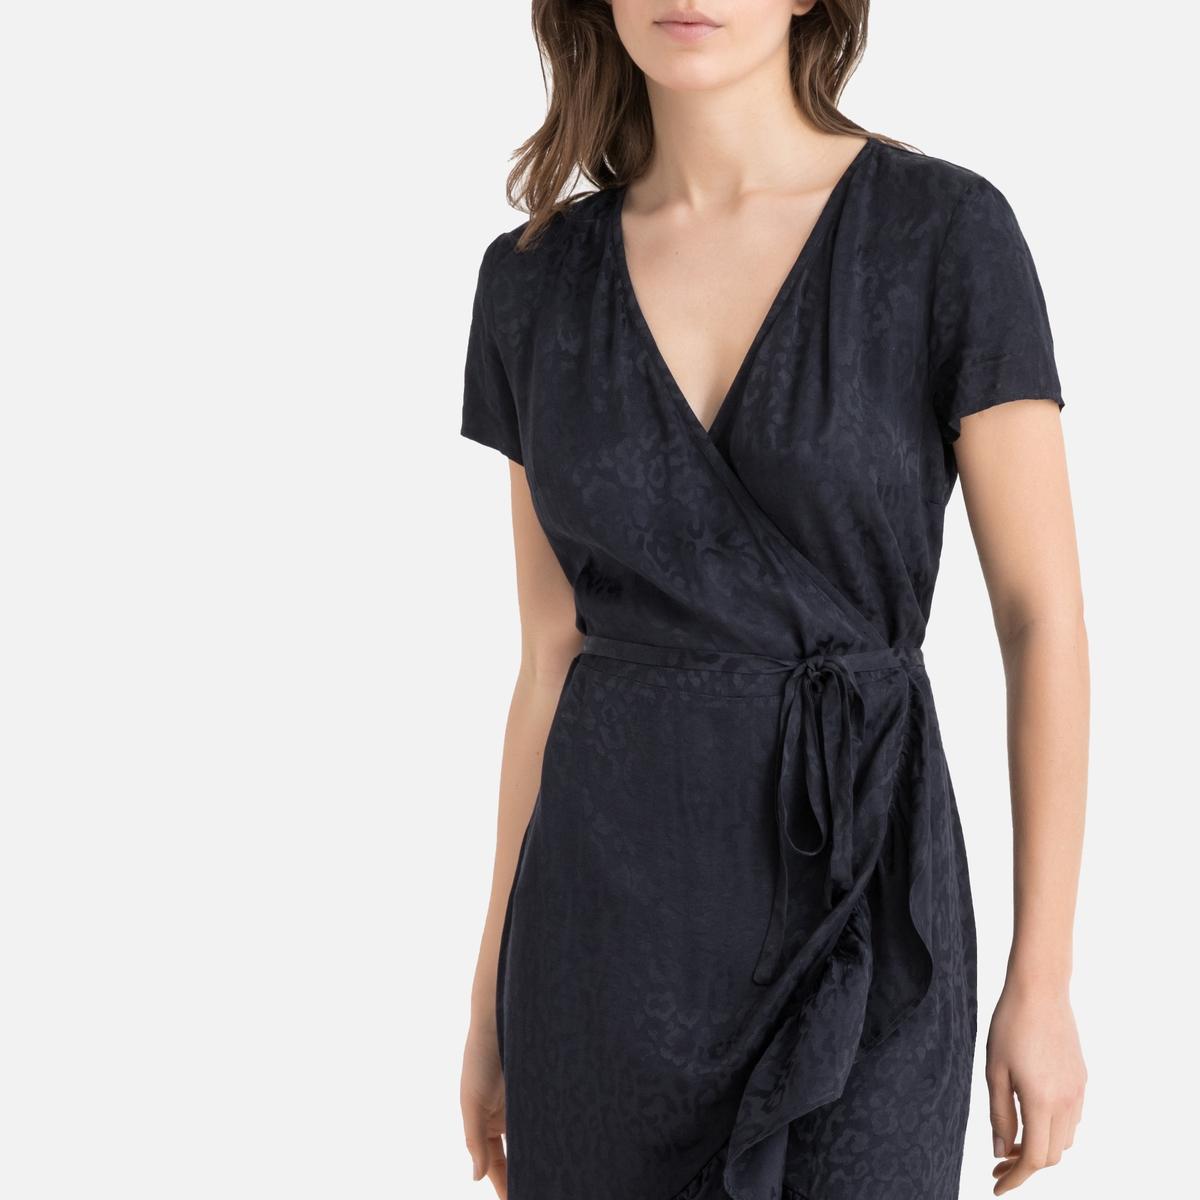 Платье-миди La Redoute С запахом с воланами 36 (FR) - 42 (RUS) синий платье миди la redoute с запахом струящееся m синий